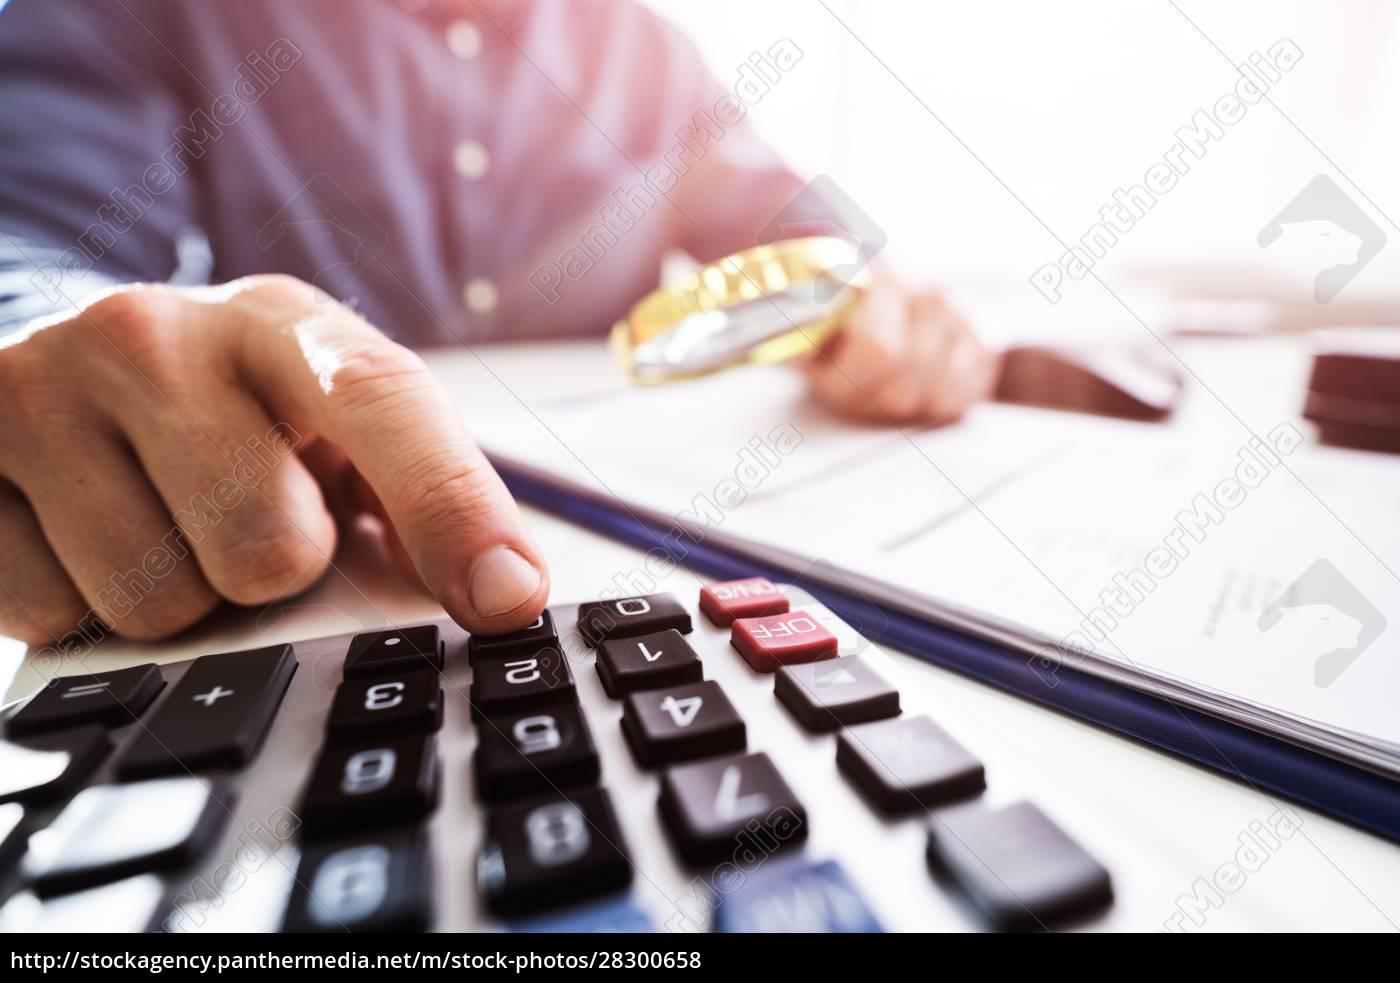 geschäftsperson, bei, der, Überprüfung, von, finanzdaten - 28300658